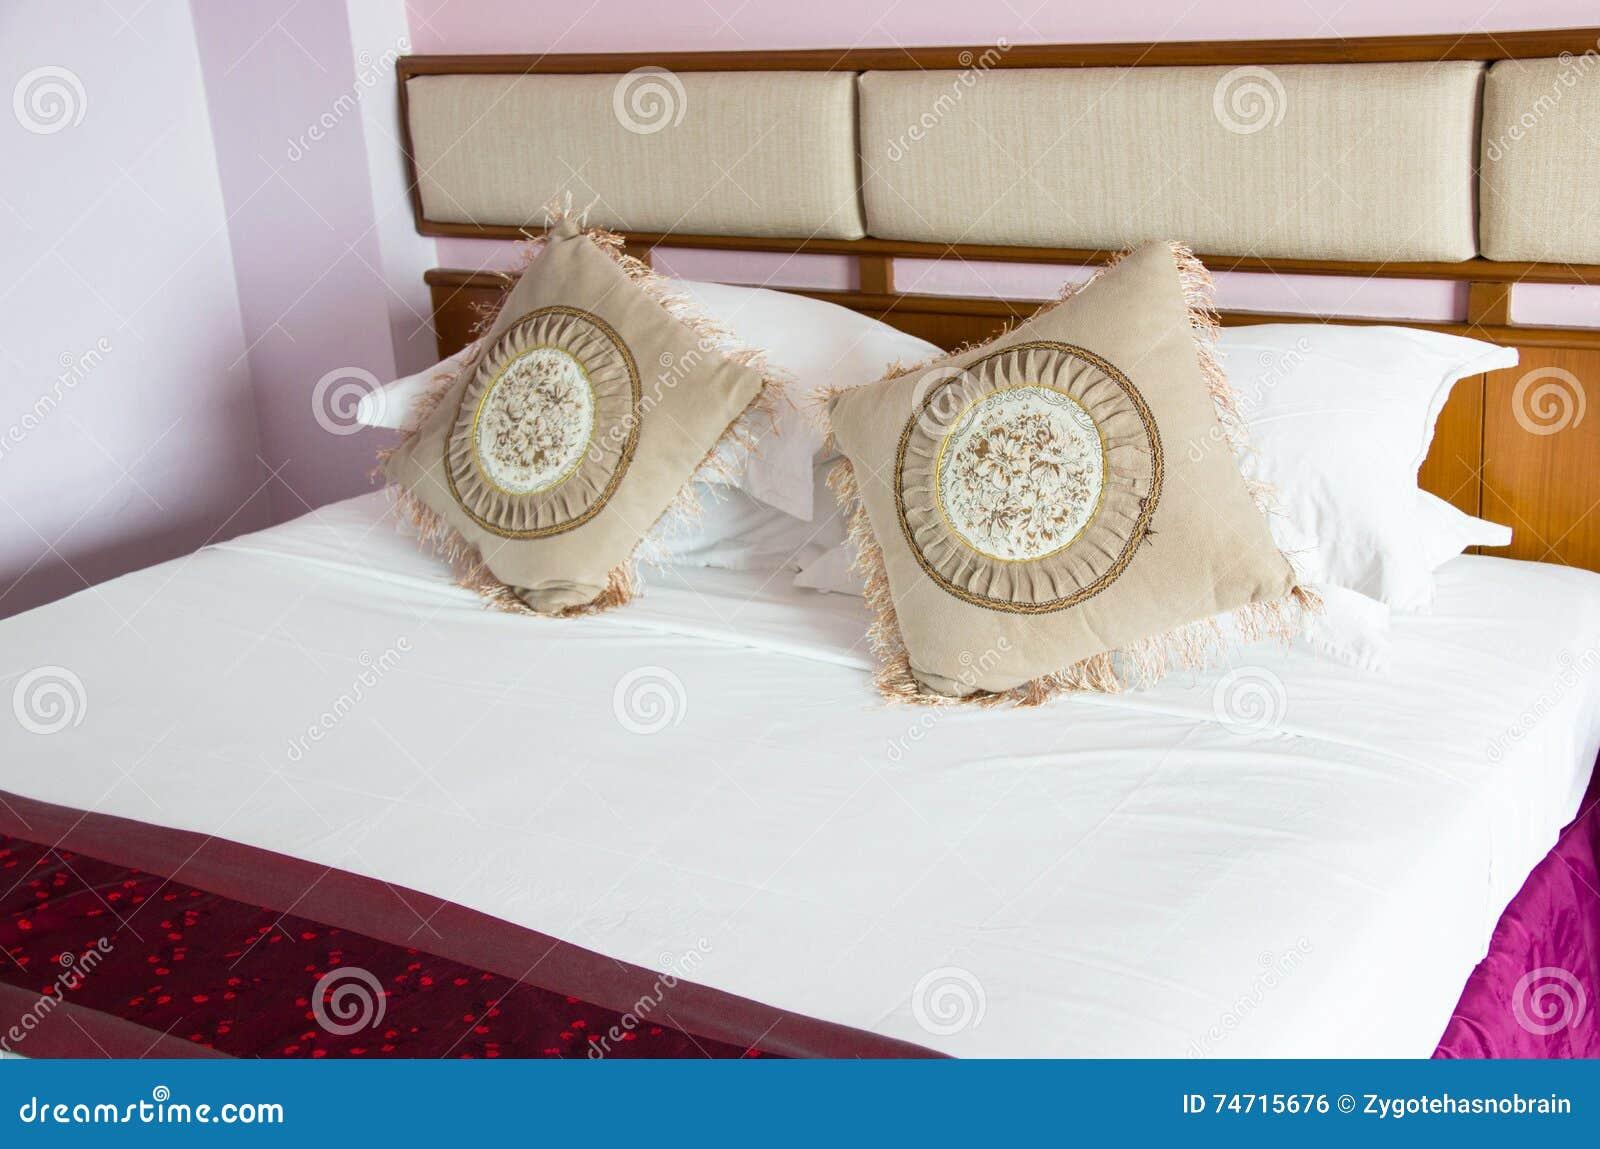 Dimensione orientale d 39 annata del letto matrimoniale di stile in camera da letto fotografia - Camera da letto del papa ...